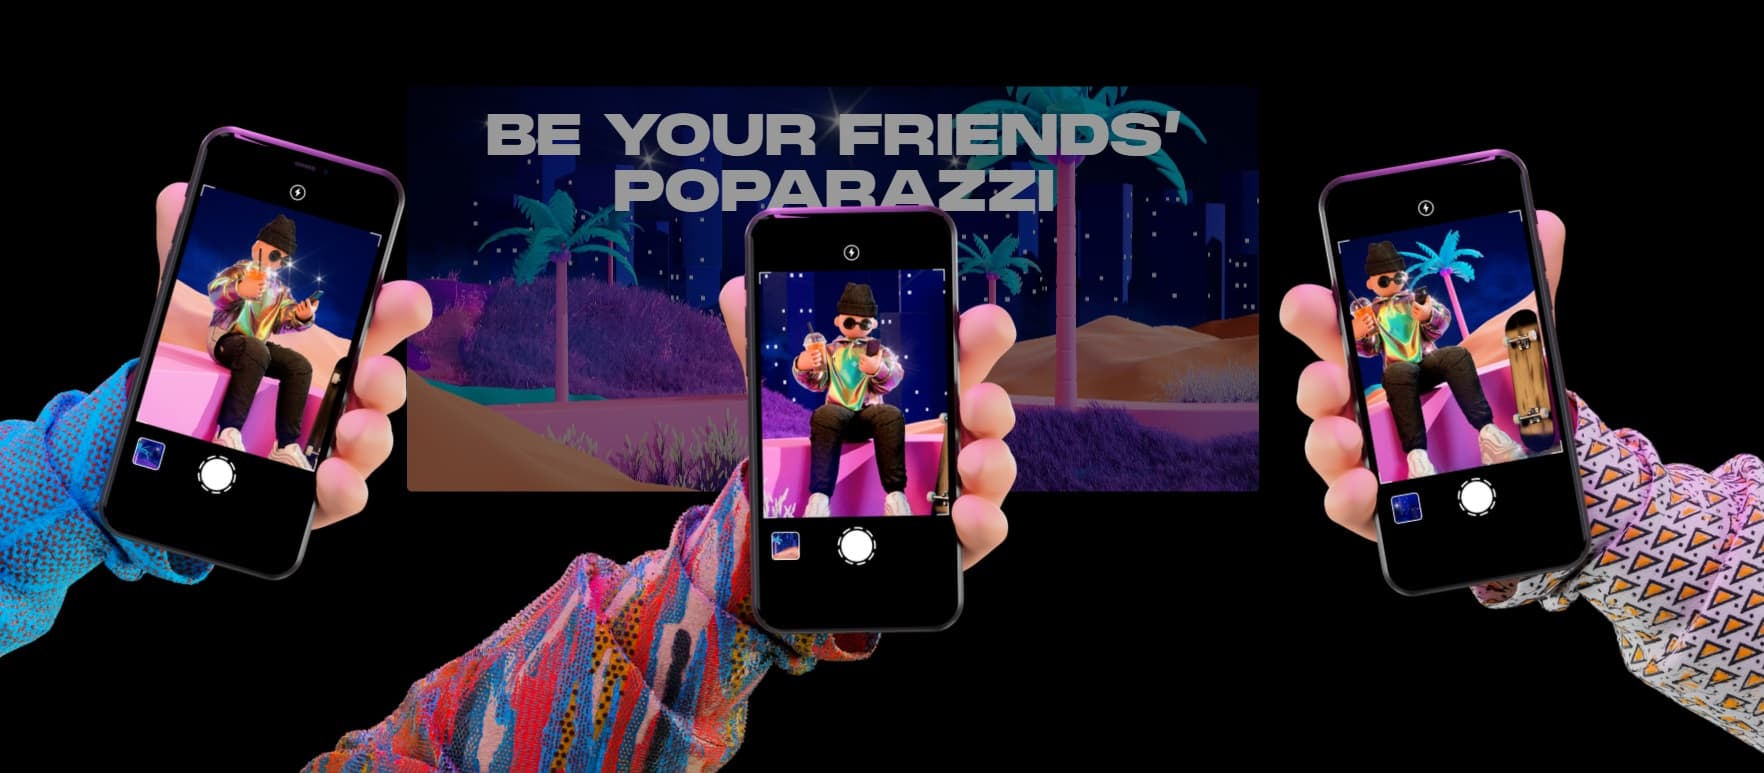 Poparazzi anty selfie nowy serwis społecznościowy